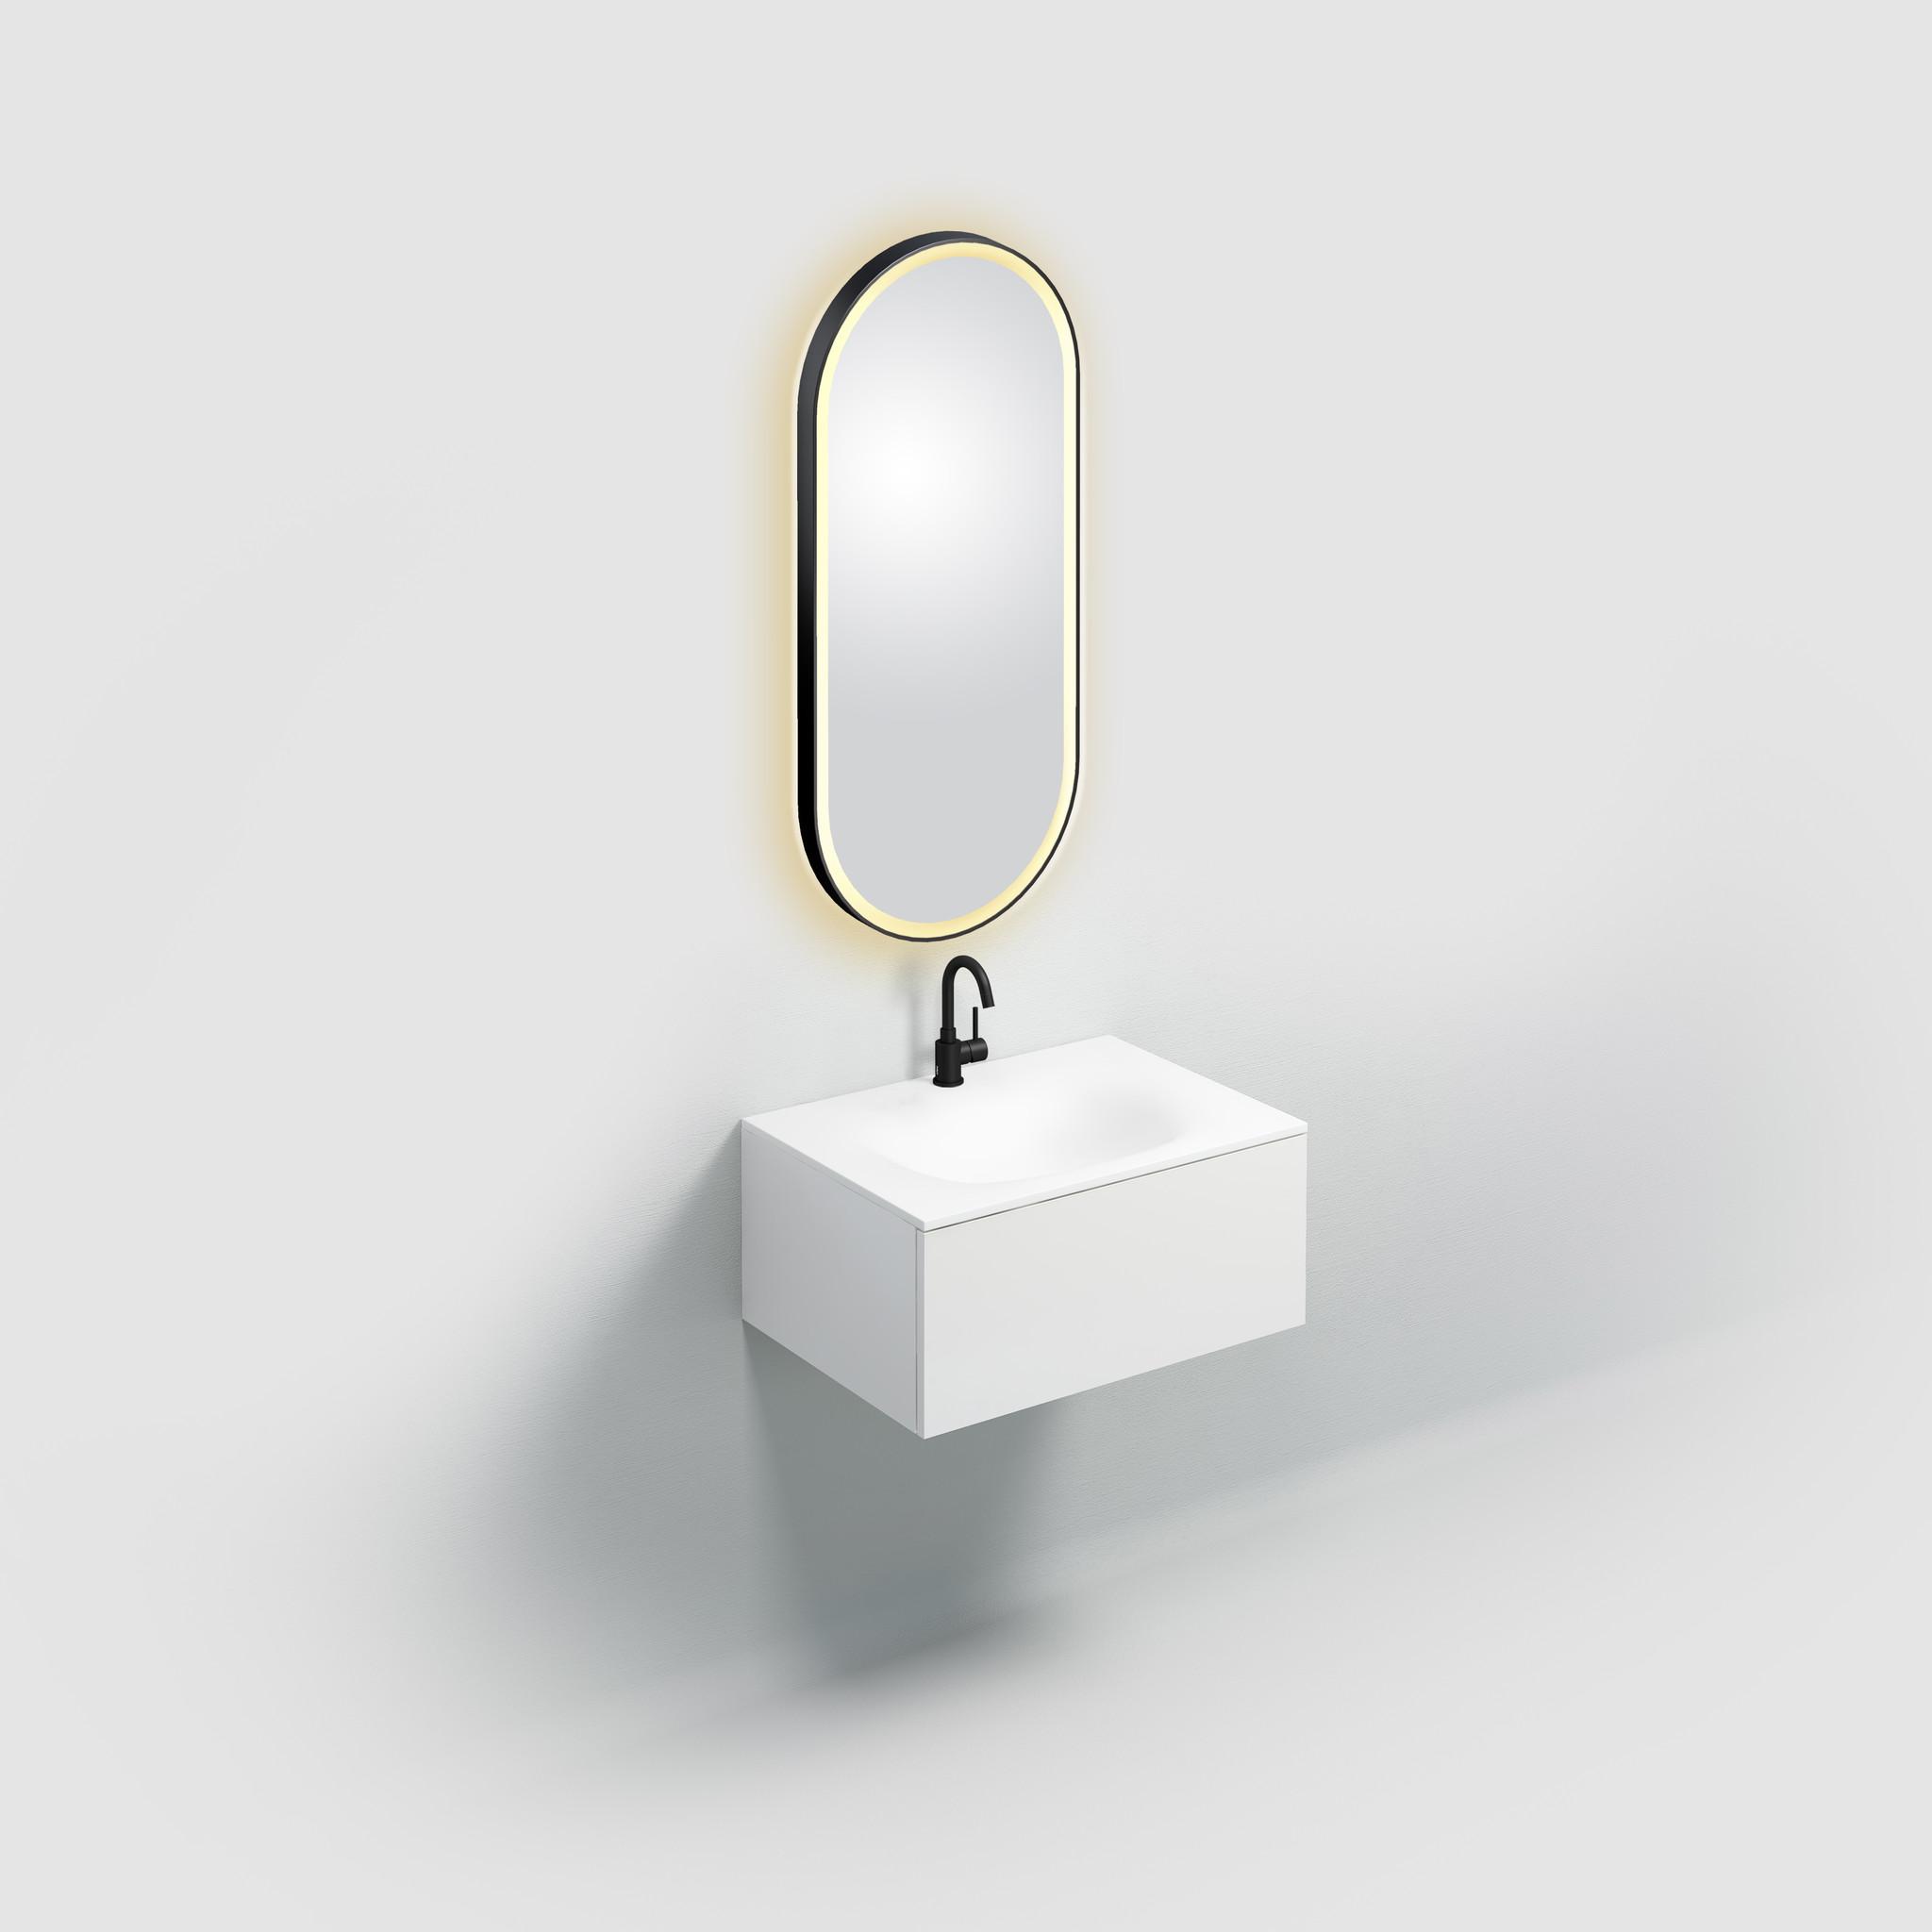 Look at Me ovale spiegel, mat zwart, met verlichting